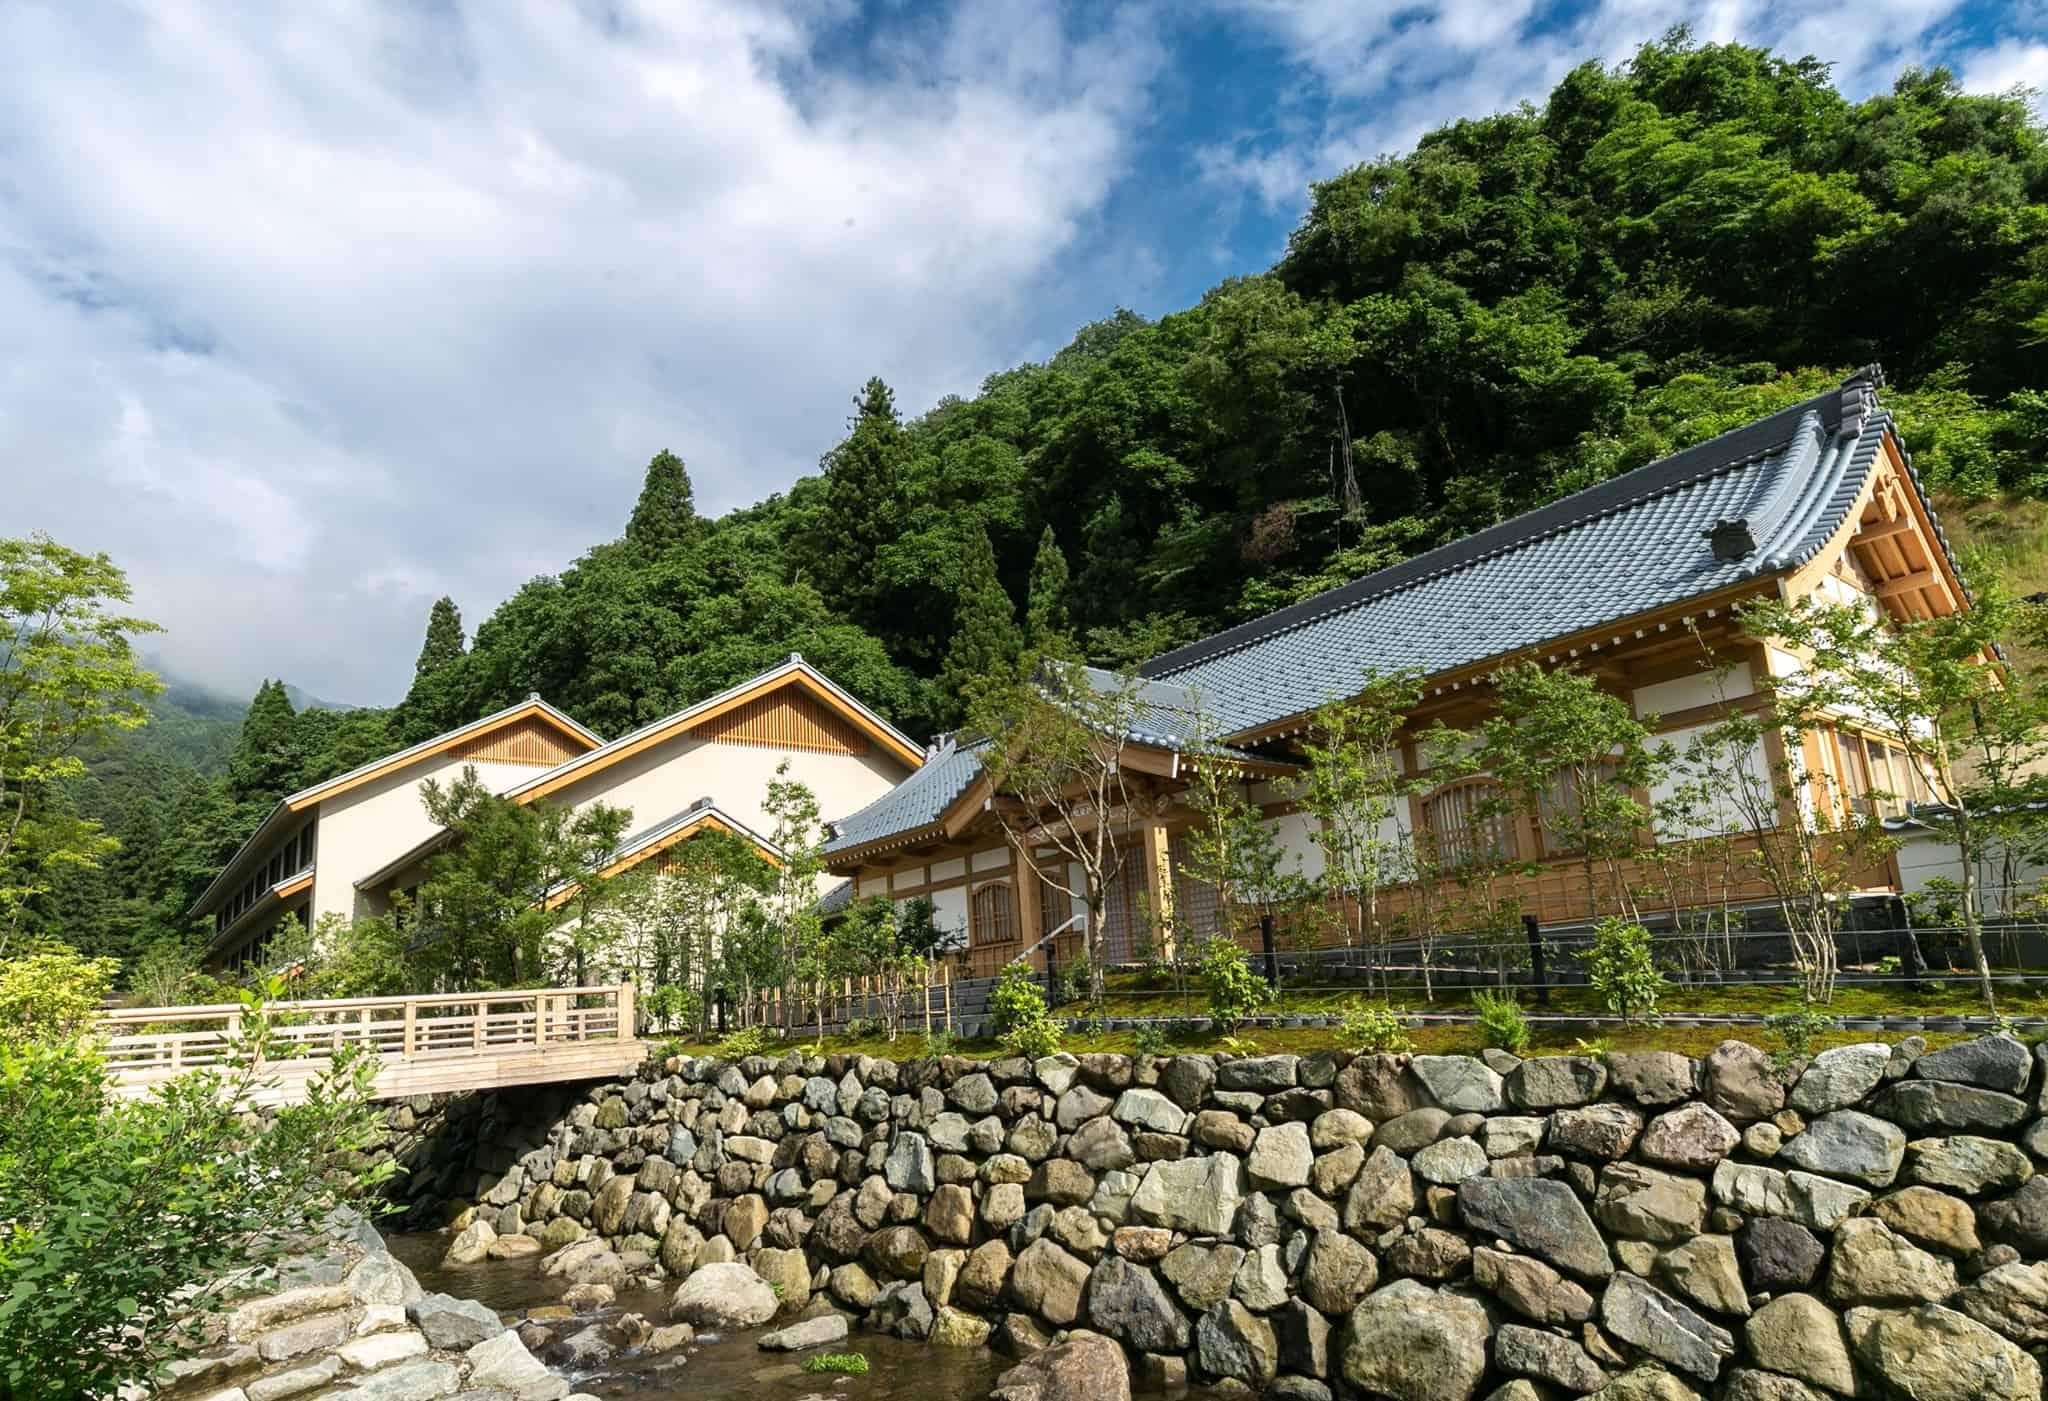 โรงแรมฮาคุจุคัง (Hakujukan : 柏樹關) ฟุกุอิ Fukui เที่ยวญี่ปุ่น คนน้อย